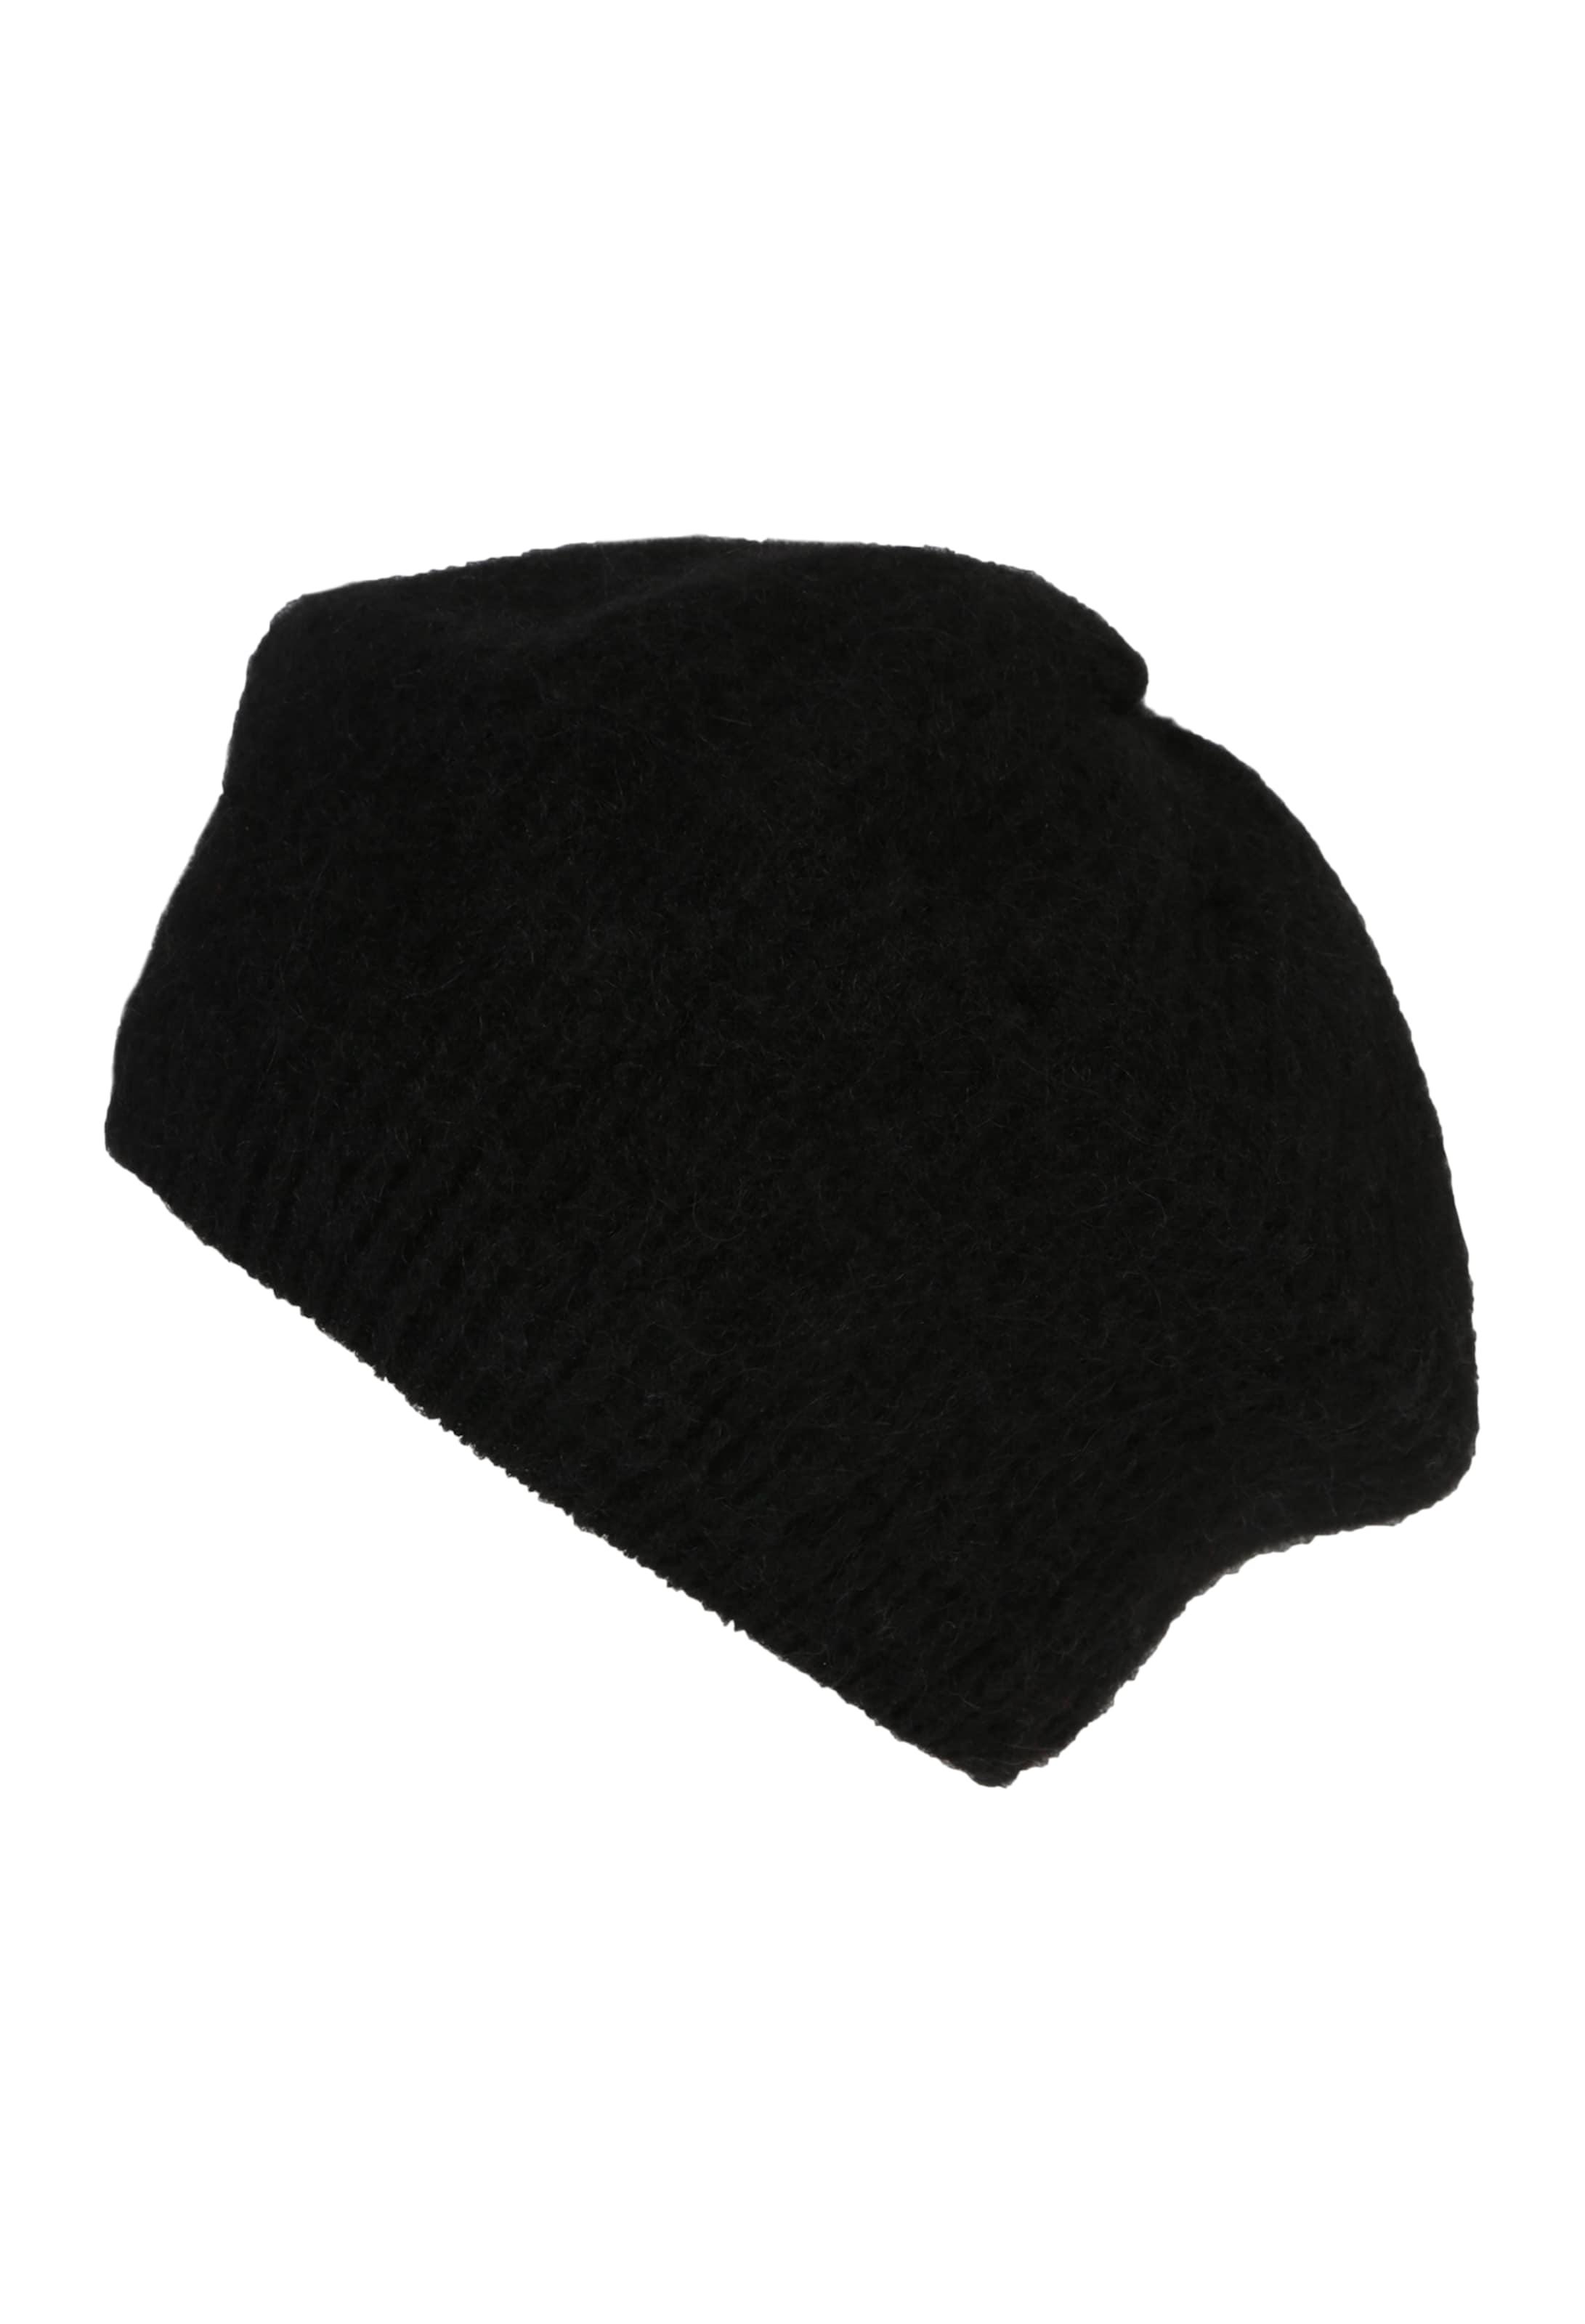 'pcfluffy' En Pieces Bonnet Pieces Pieces Noir En Noir Bonnet 'pcfluffy' oQxeWdCBr